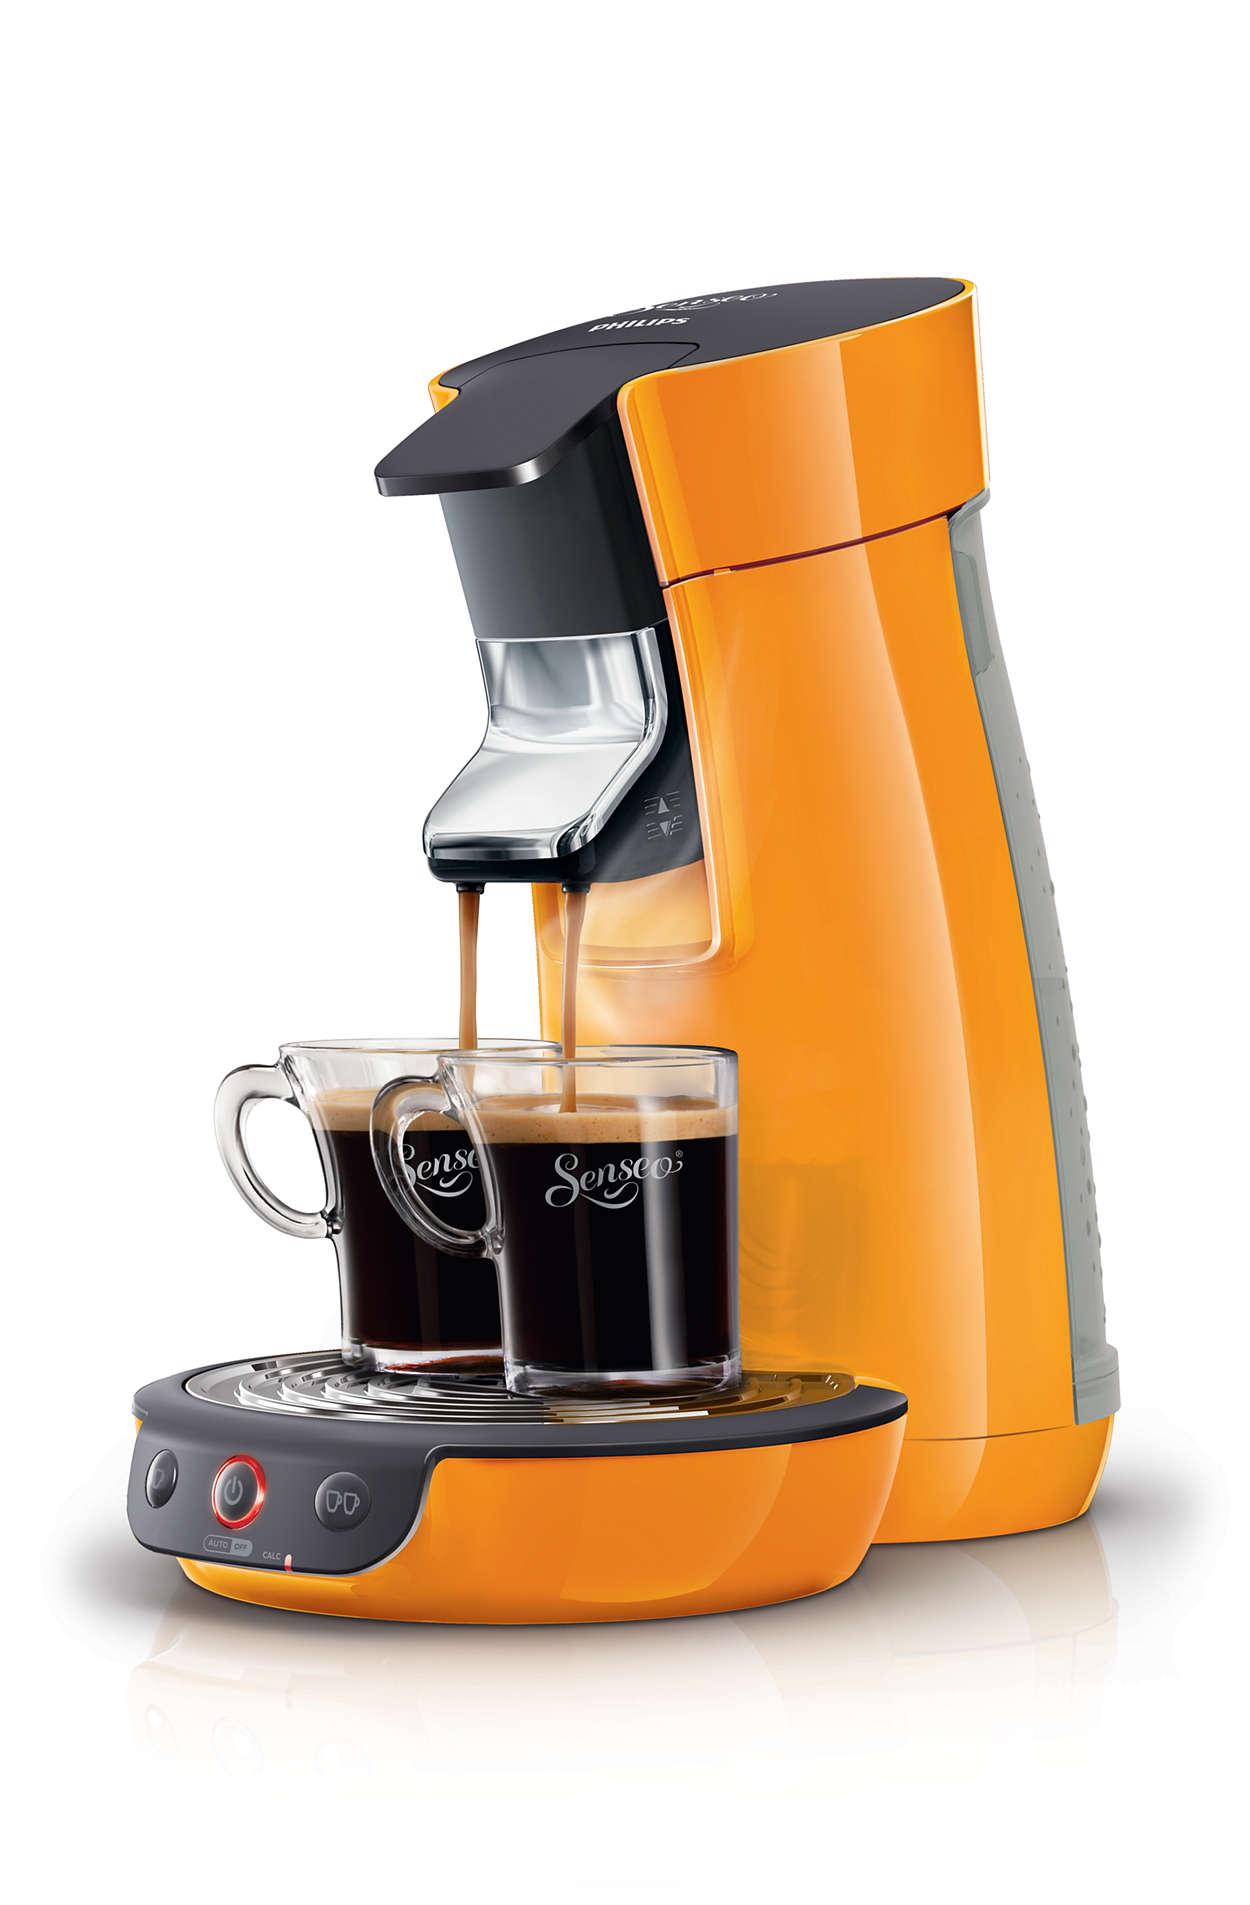 viva caf machine caf dosettes hd7825 21 senseo. Black Bedroom Furniture Sets. Home Design Ideas